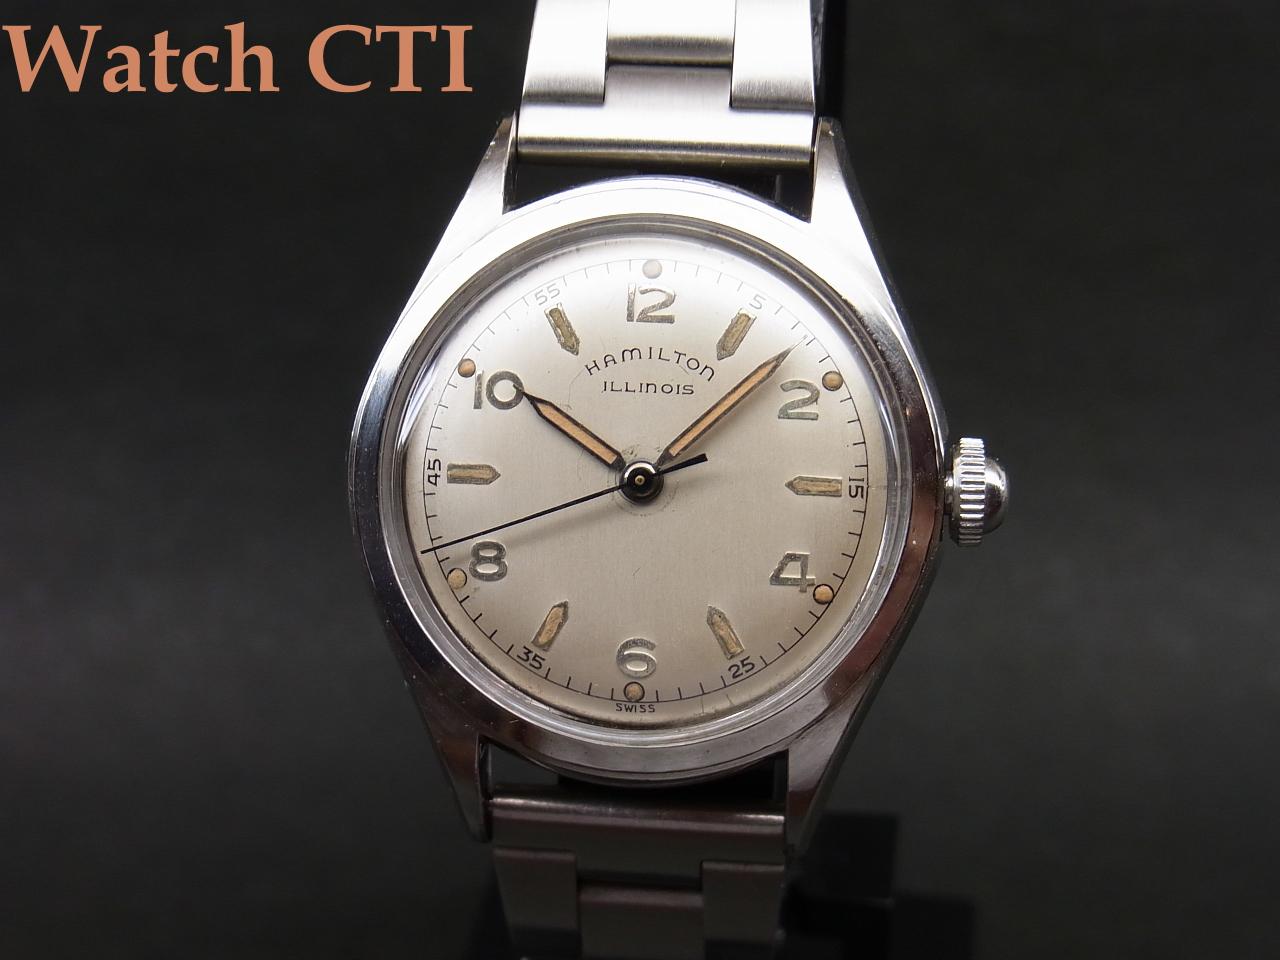 ハミルトン/イリノイ腕時計                 ...